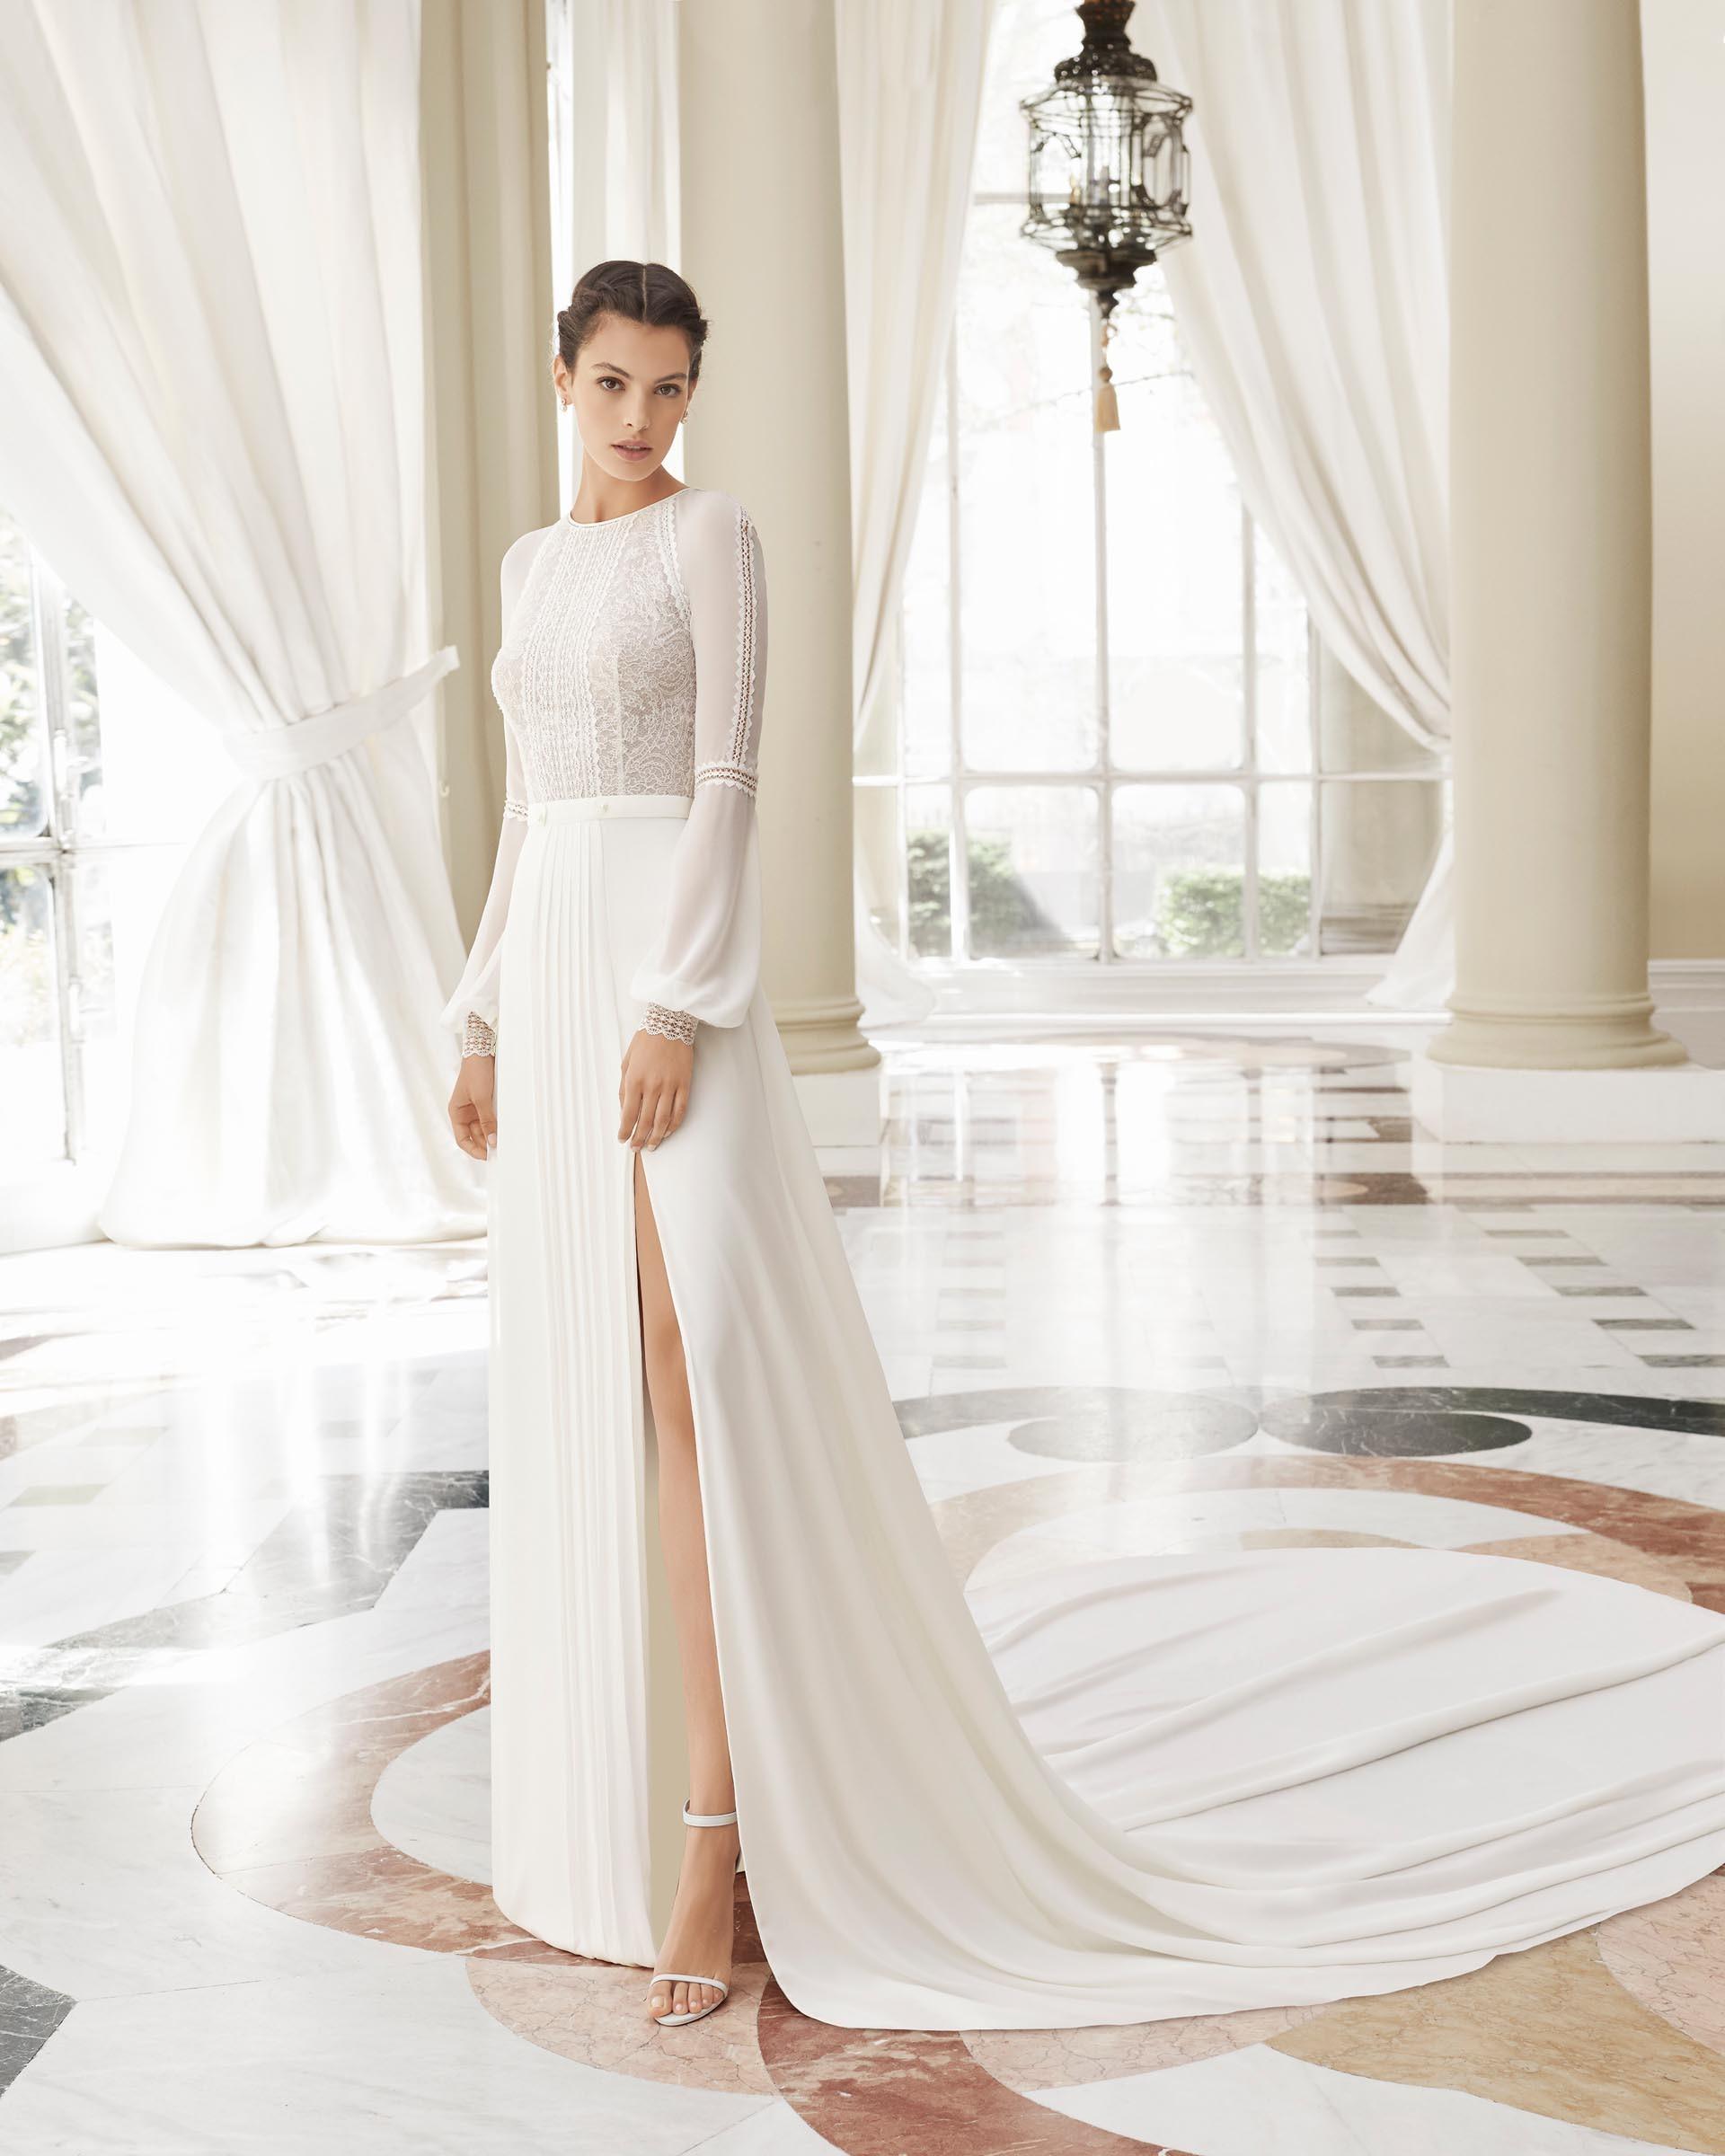 sehr edles Brautkleid mit langer Schleppe